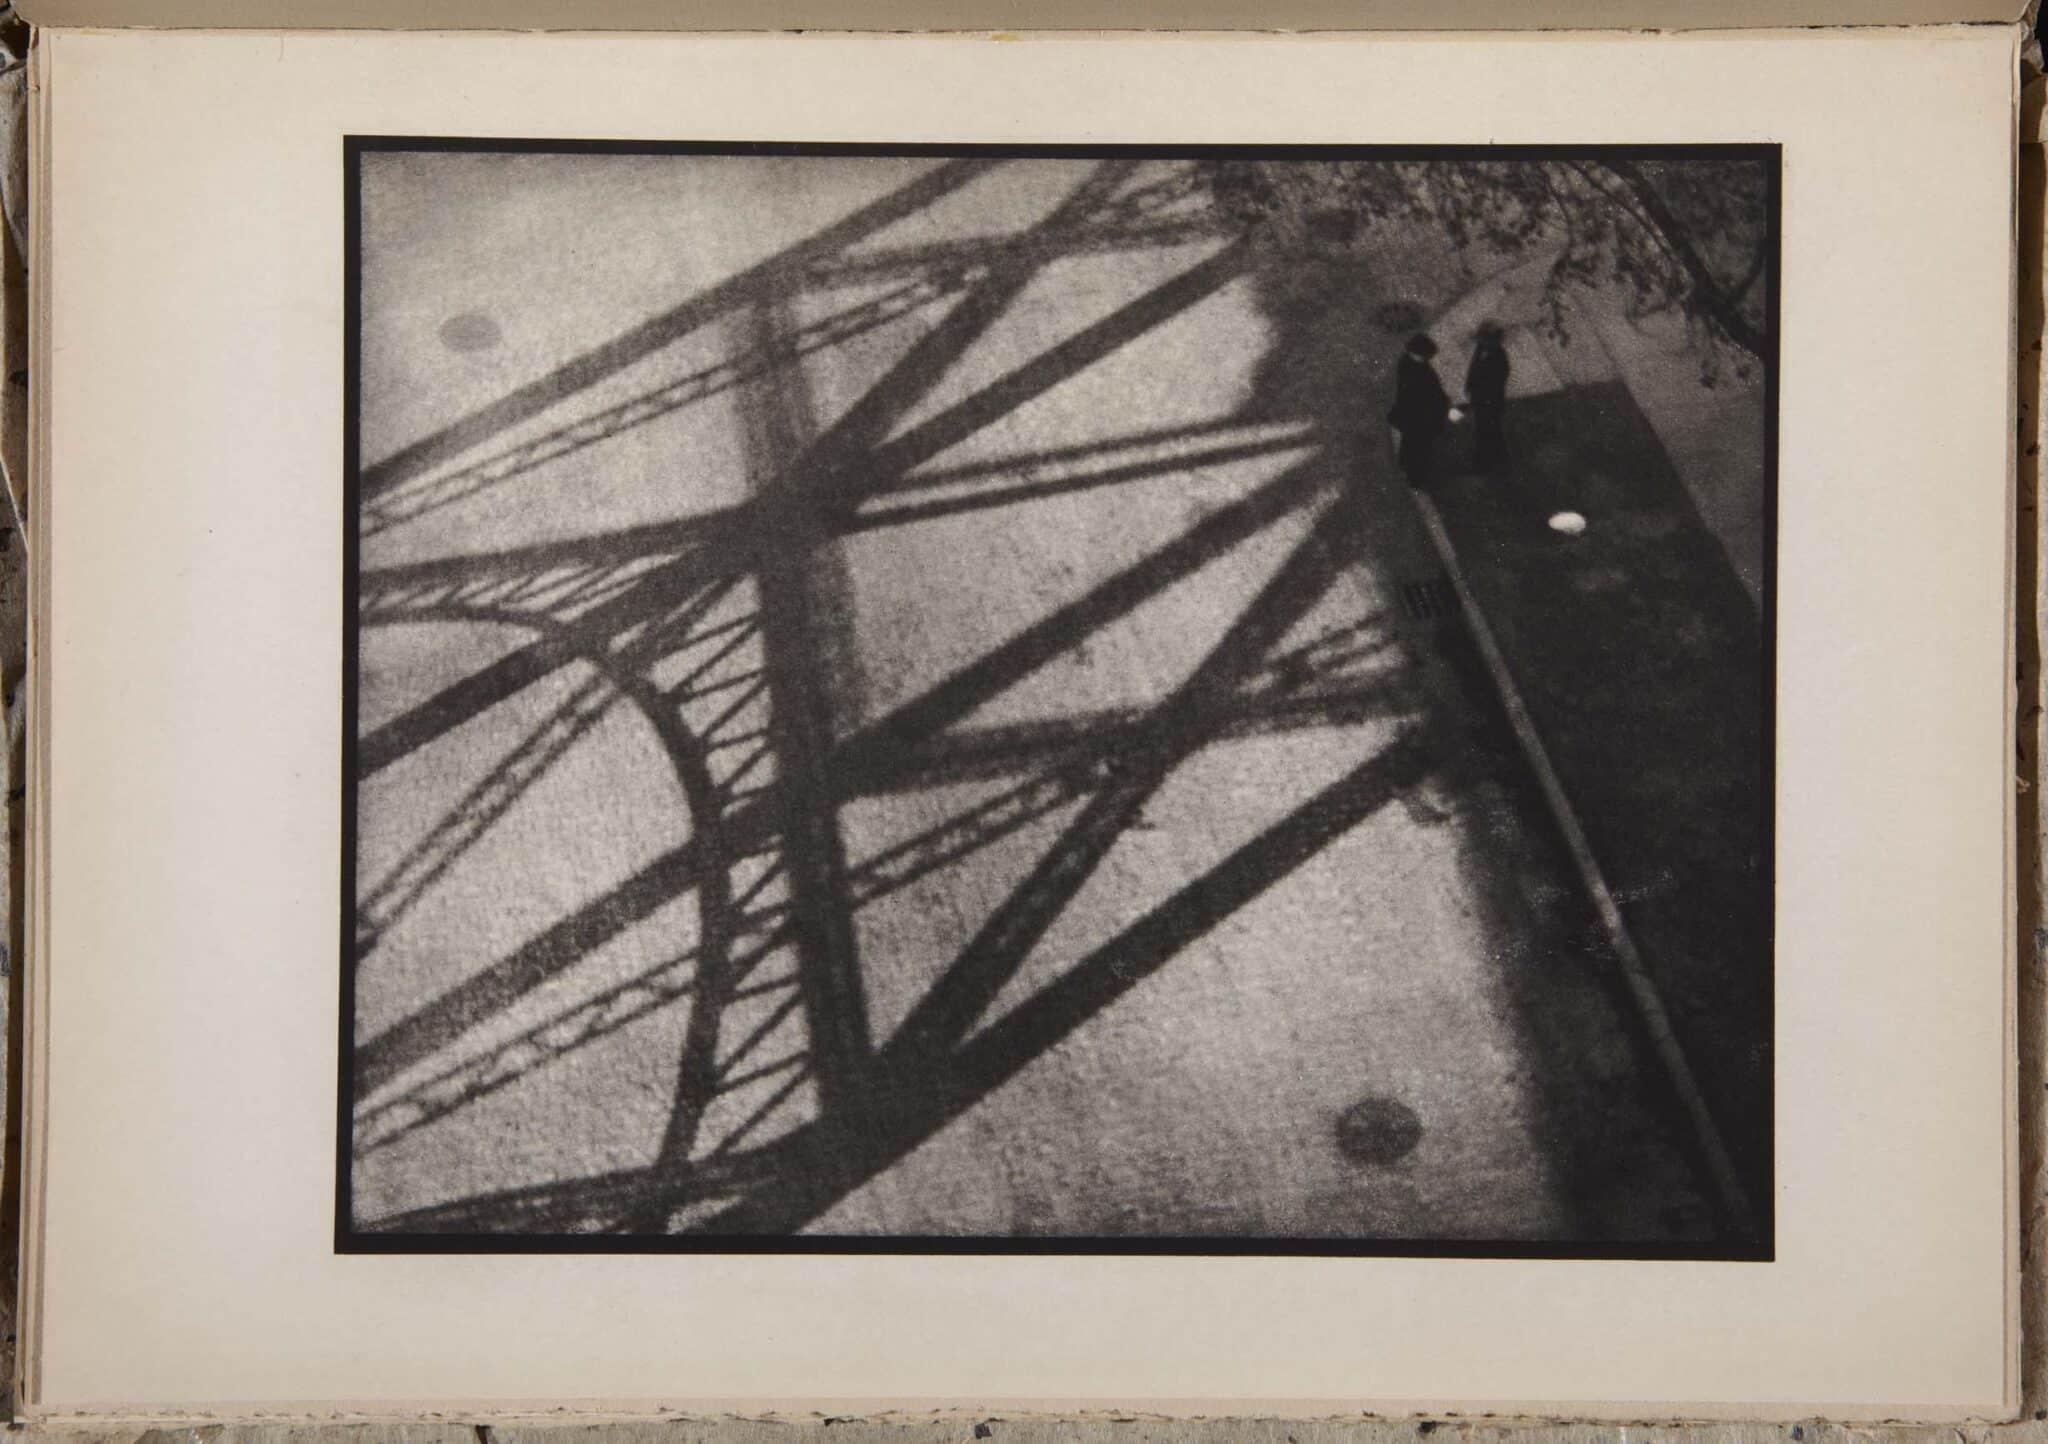 """Fotografía de Paul Strand titulada """"Fotografía Nueva York"""" en la que se puede ver la sombra de un puente estadounidense"""